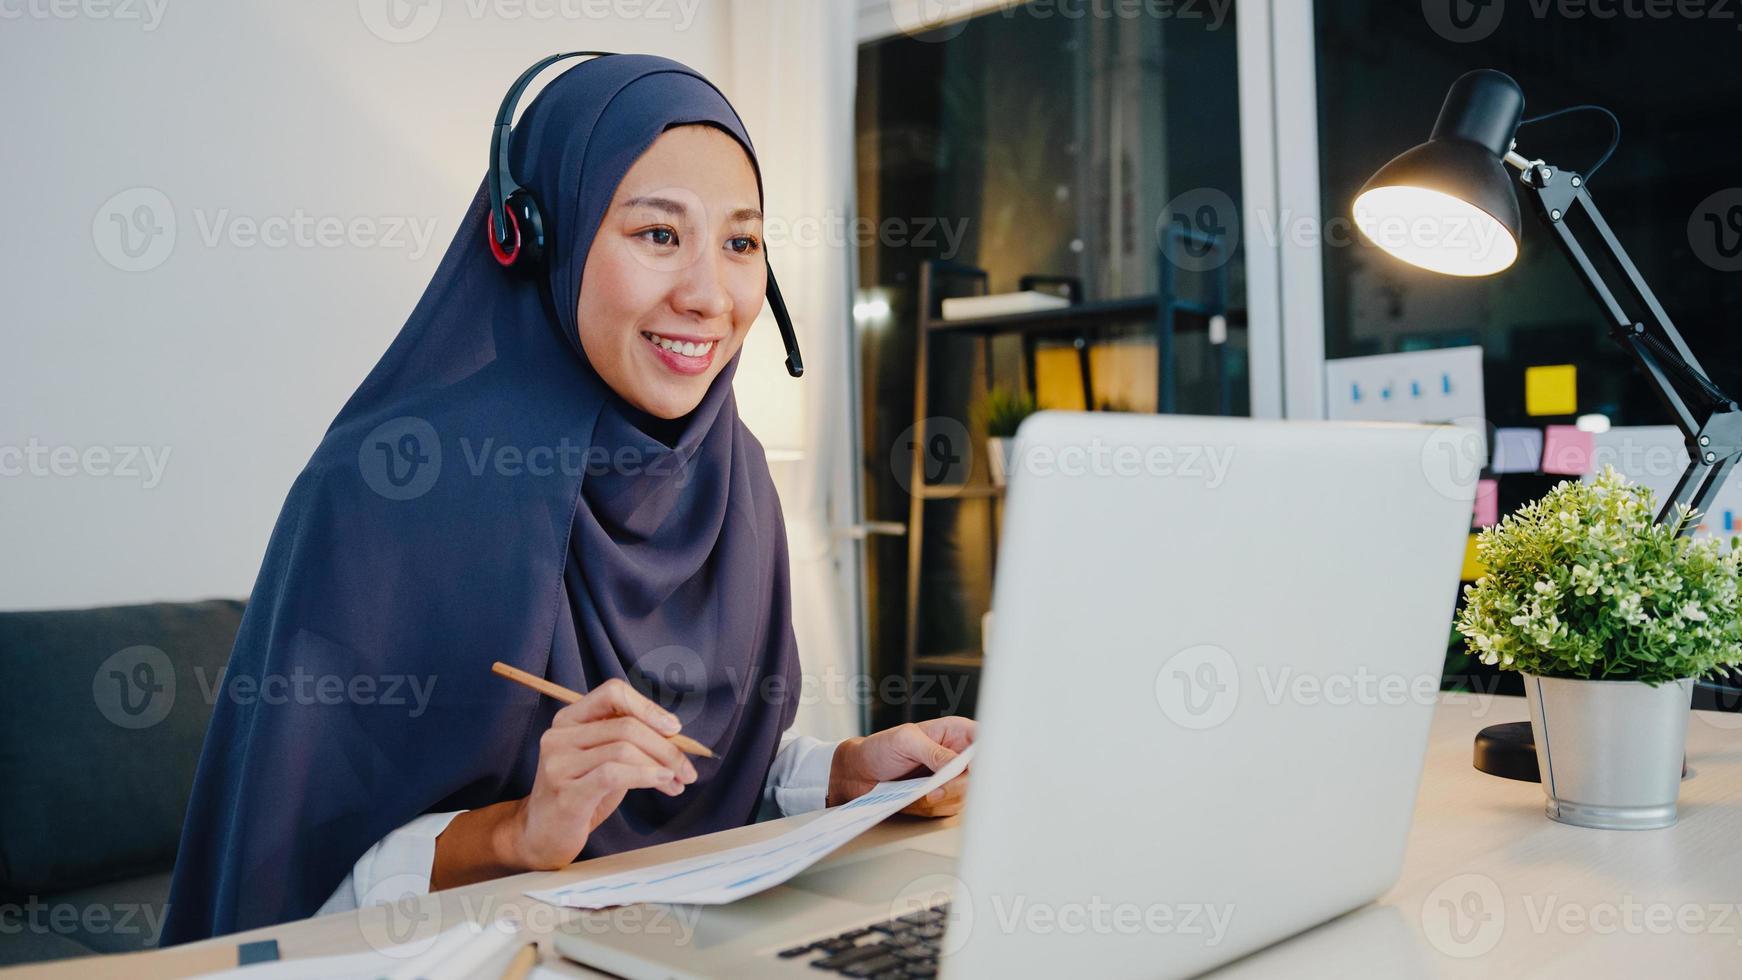 asien muslimsk dam bär hörlurar klocka webinar lyssna online kurs kommunicera genom konferens videosamtal på hemmakontor på natten. fjärrarbete hemifrån, social distans, karantän för corona -virus. foto